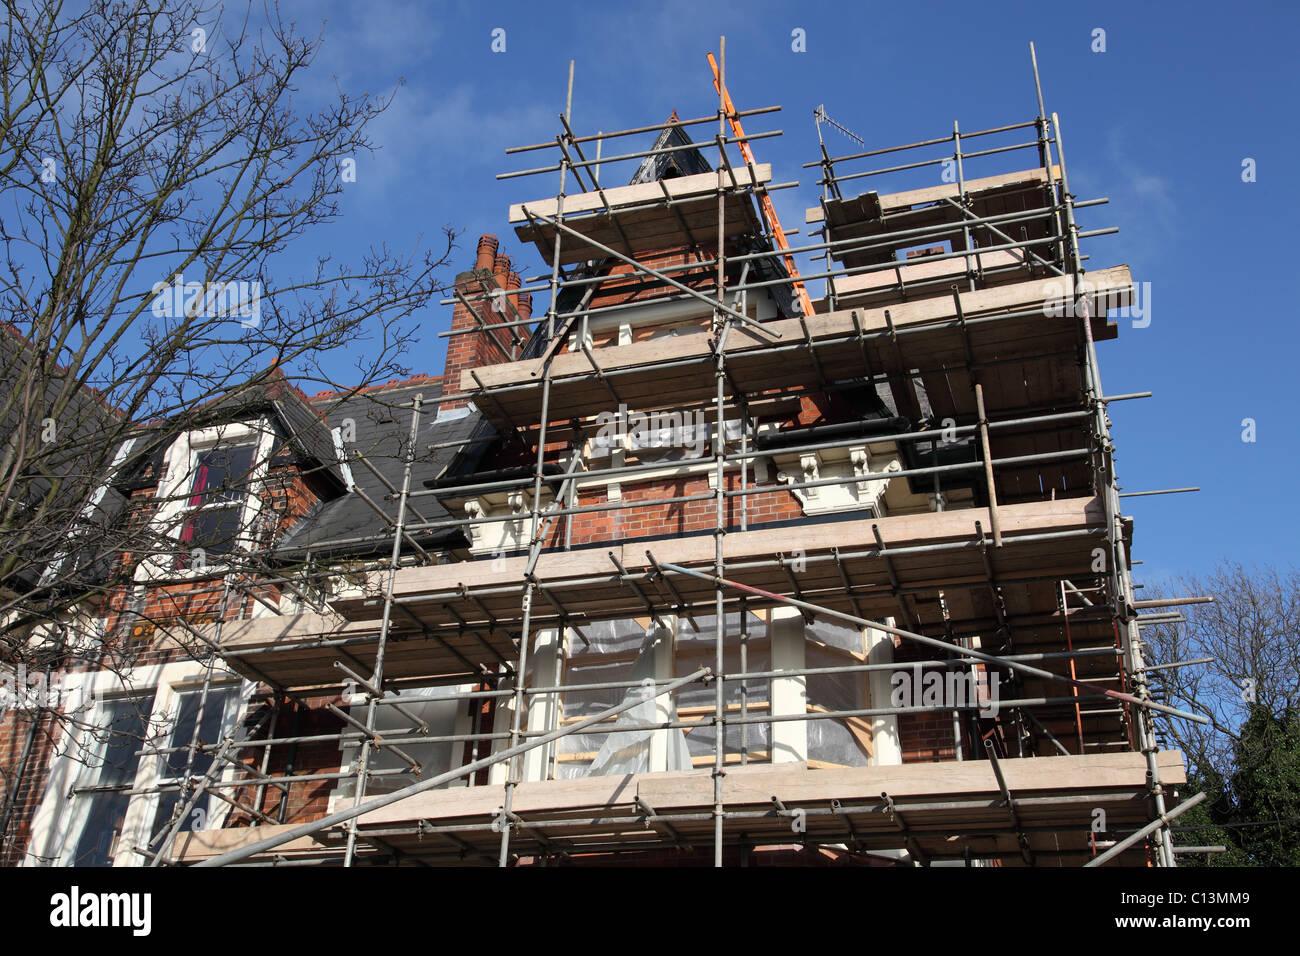 Scaffolding on a renovation in a U.K. city. - Stock Image